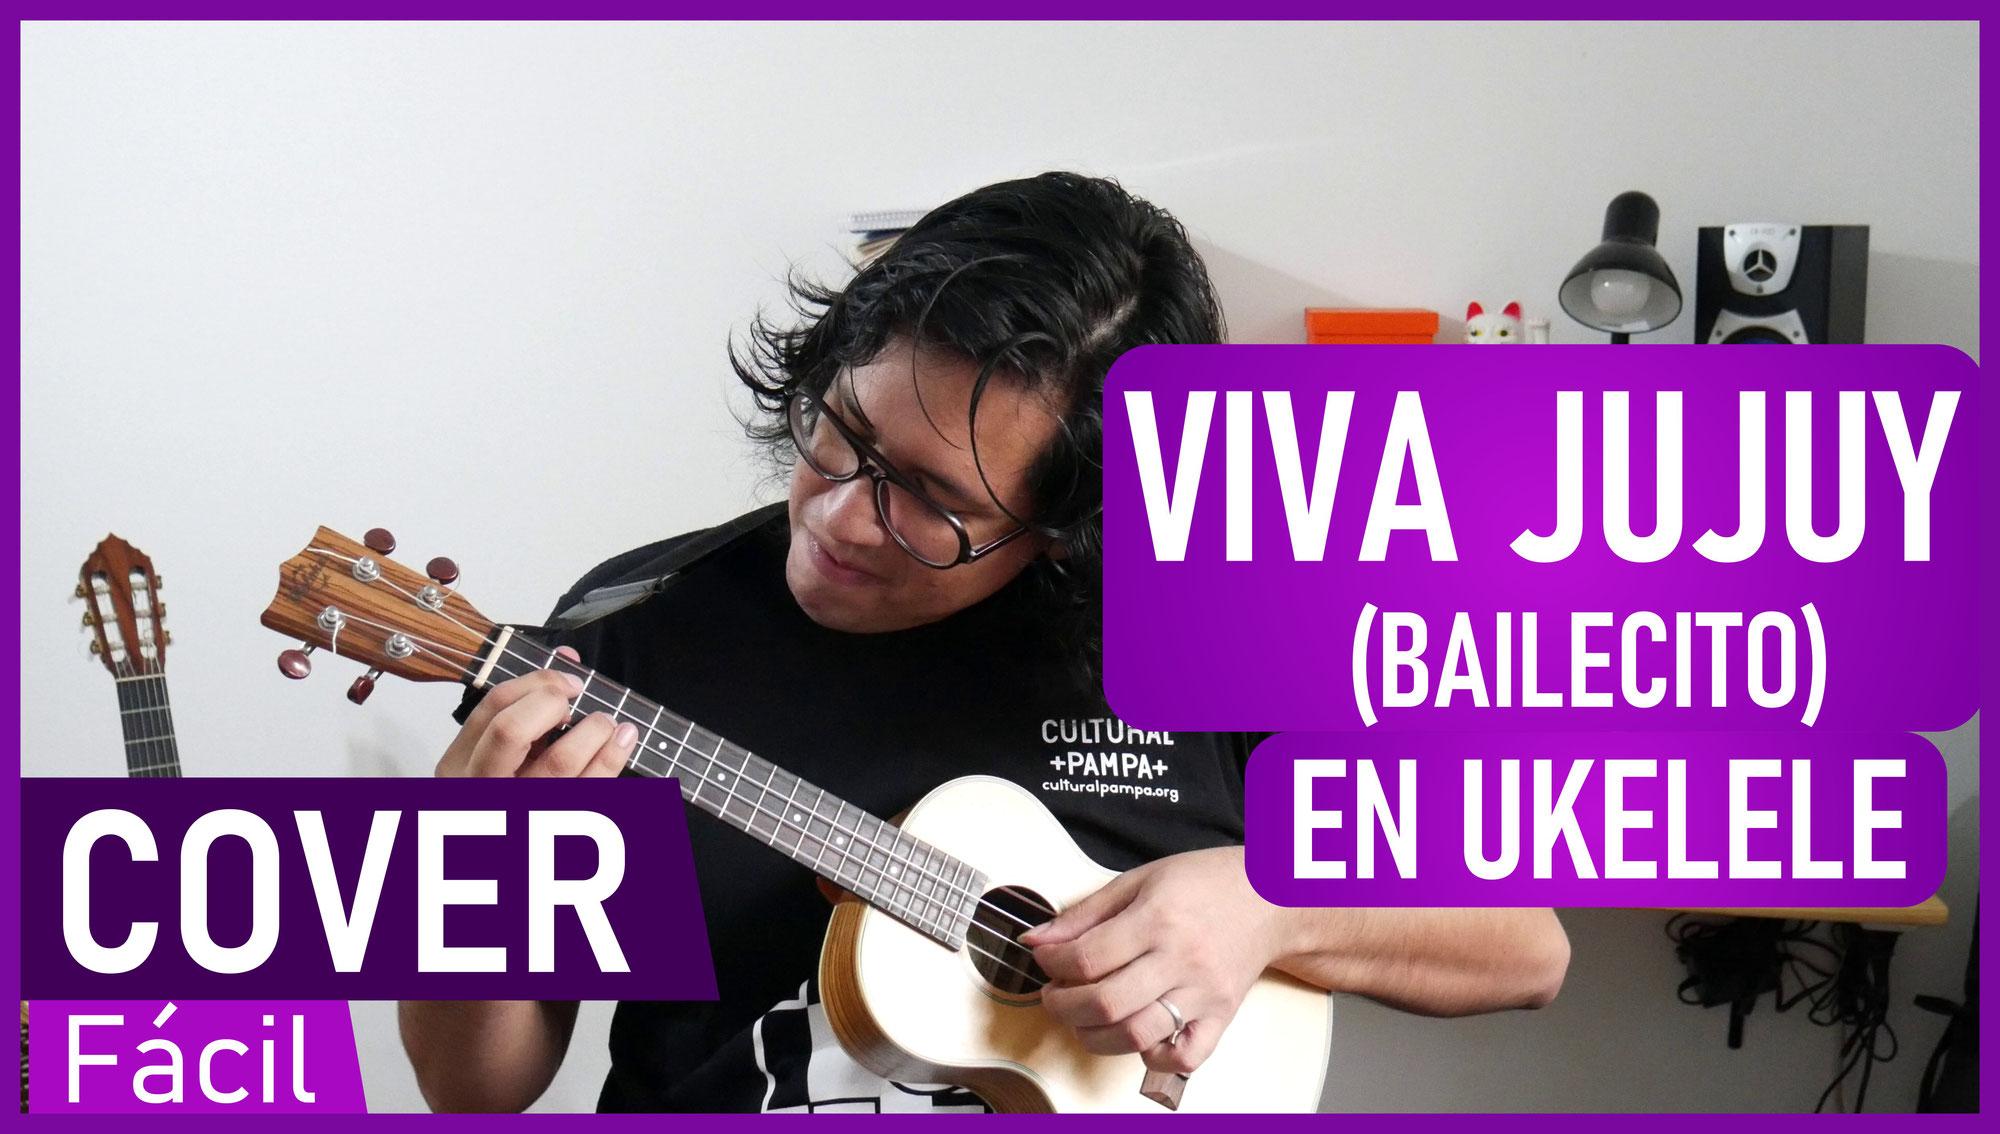 Viva Jujuy (Bailecito) | Ukelele Fingerstyle Cover